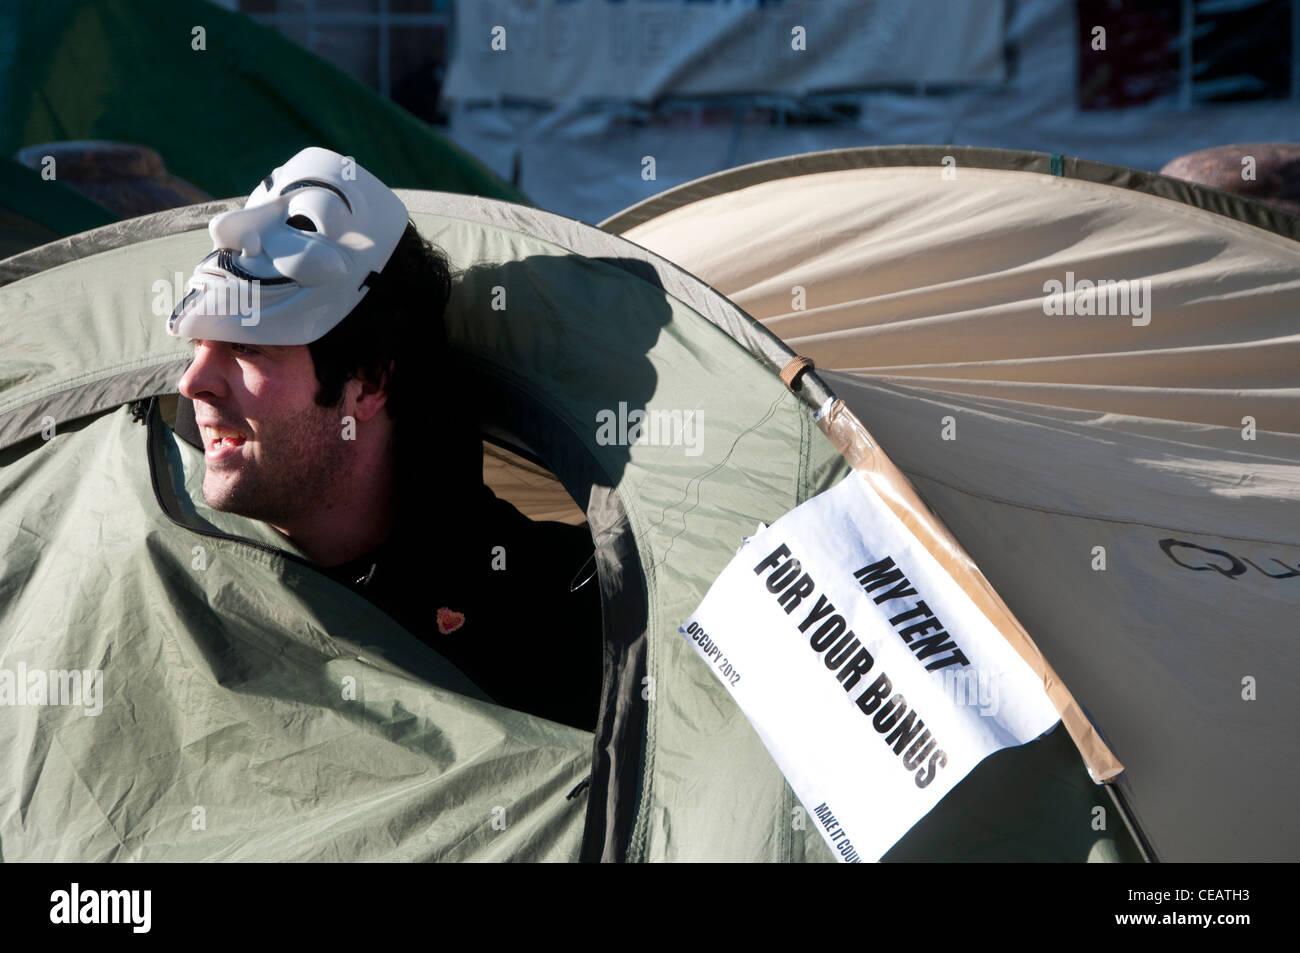 Tiendas de campaña frente a la catedral de San Pablo - uno tiene un aviso diciendo que mi carpa de su bono Imagen De Stock